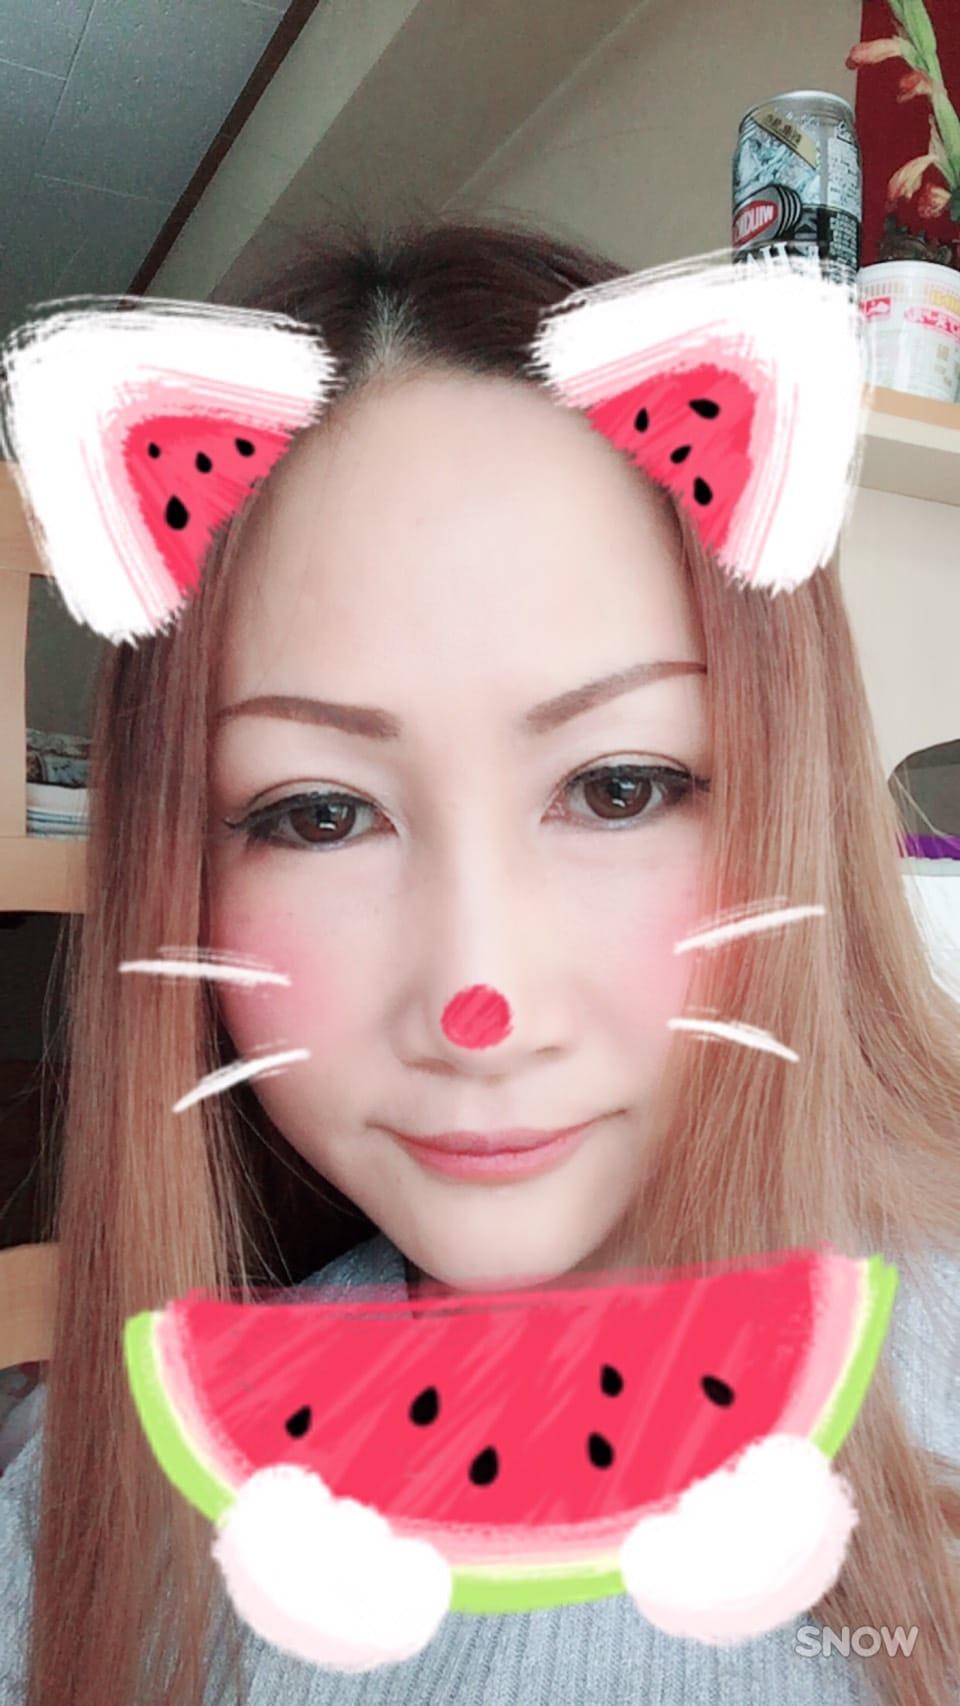 「こんにちは♪」06/13(06/13) 13:46 | ユイの写メ・風俗動画